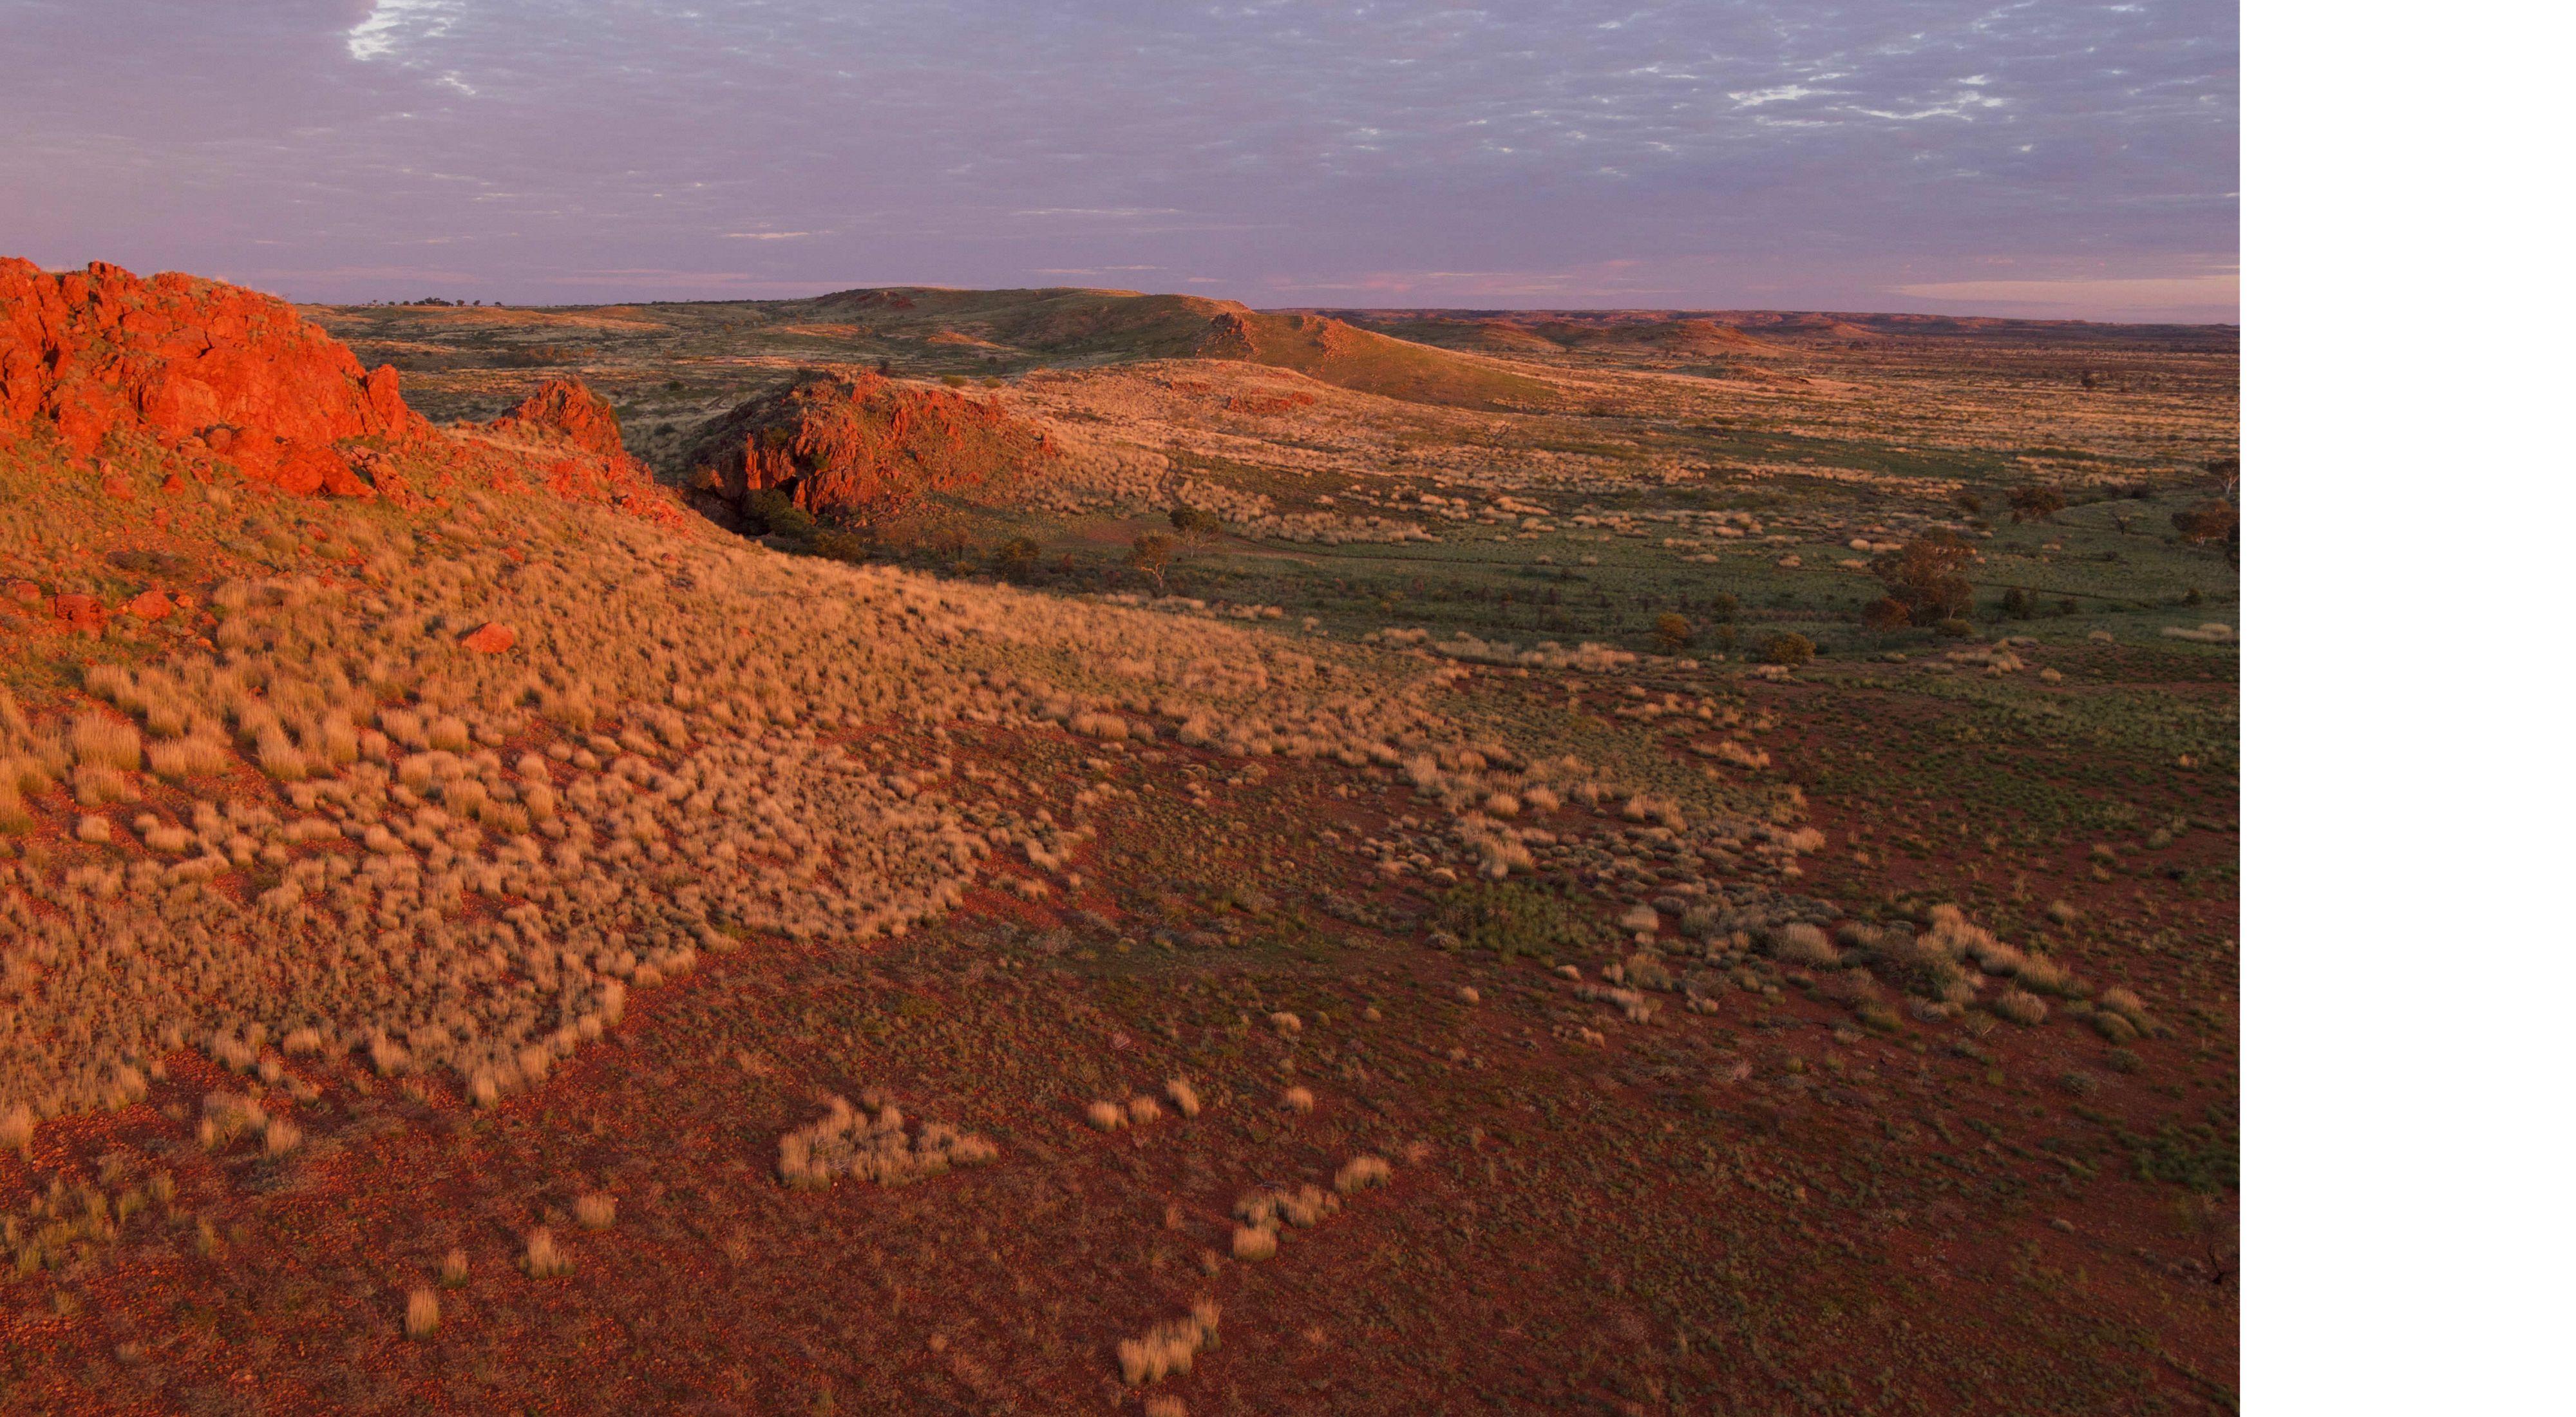 a desert at dusk